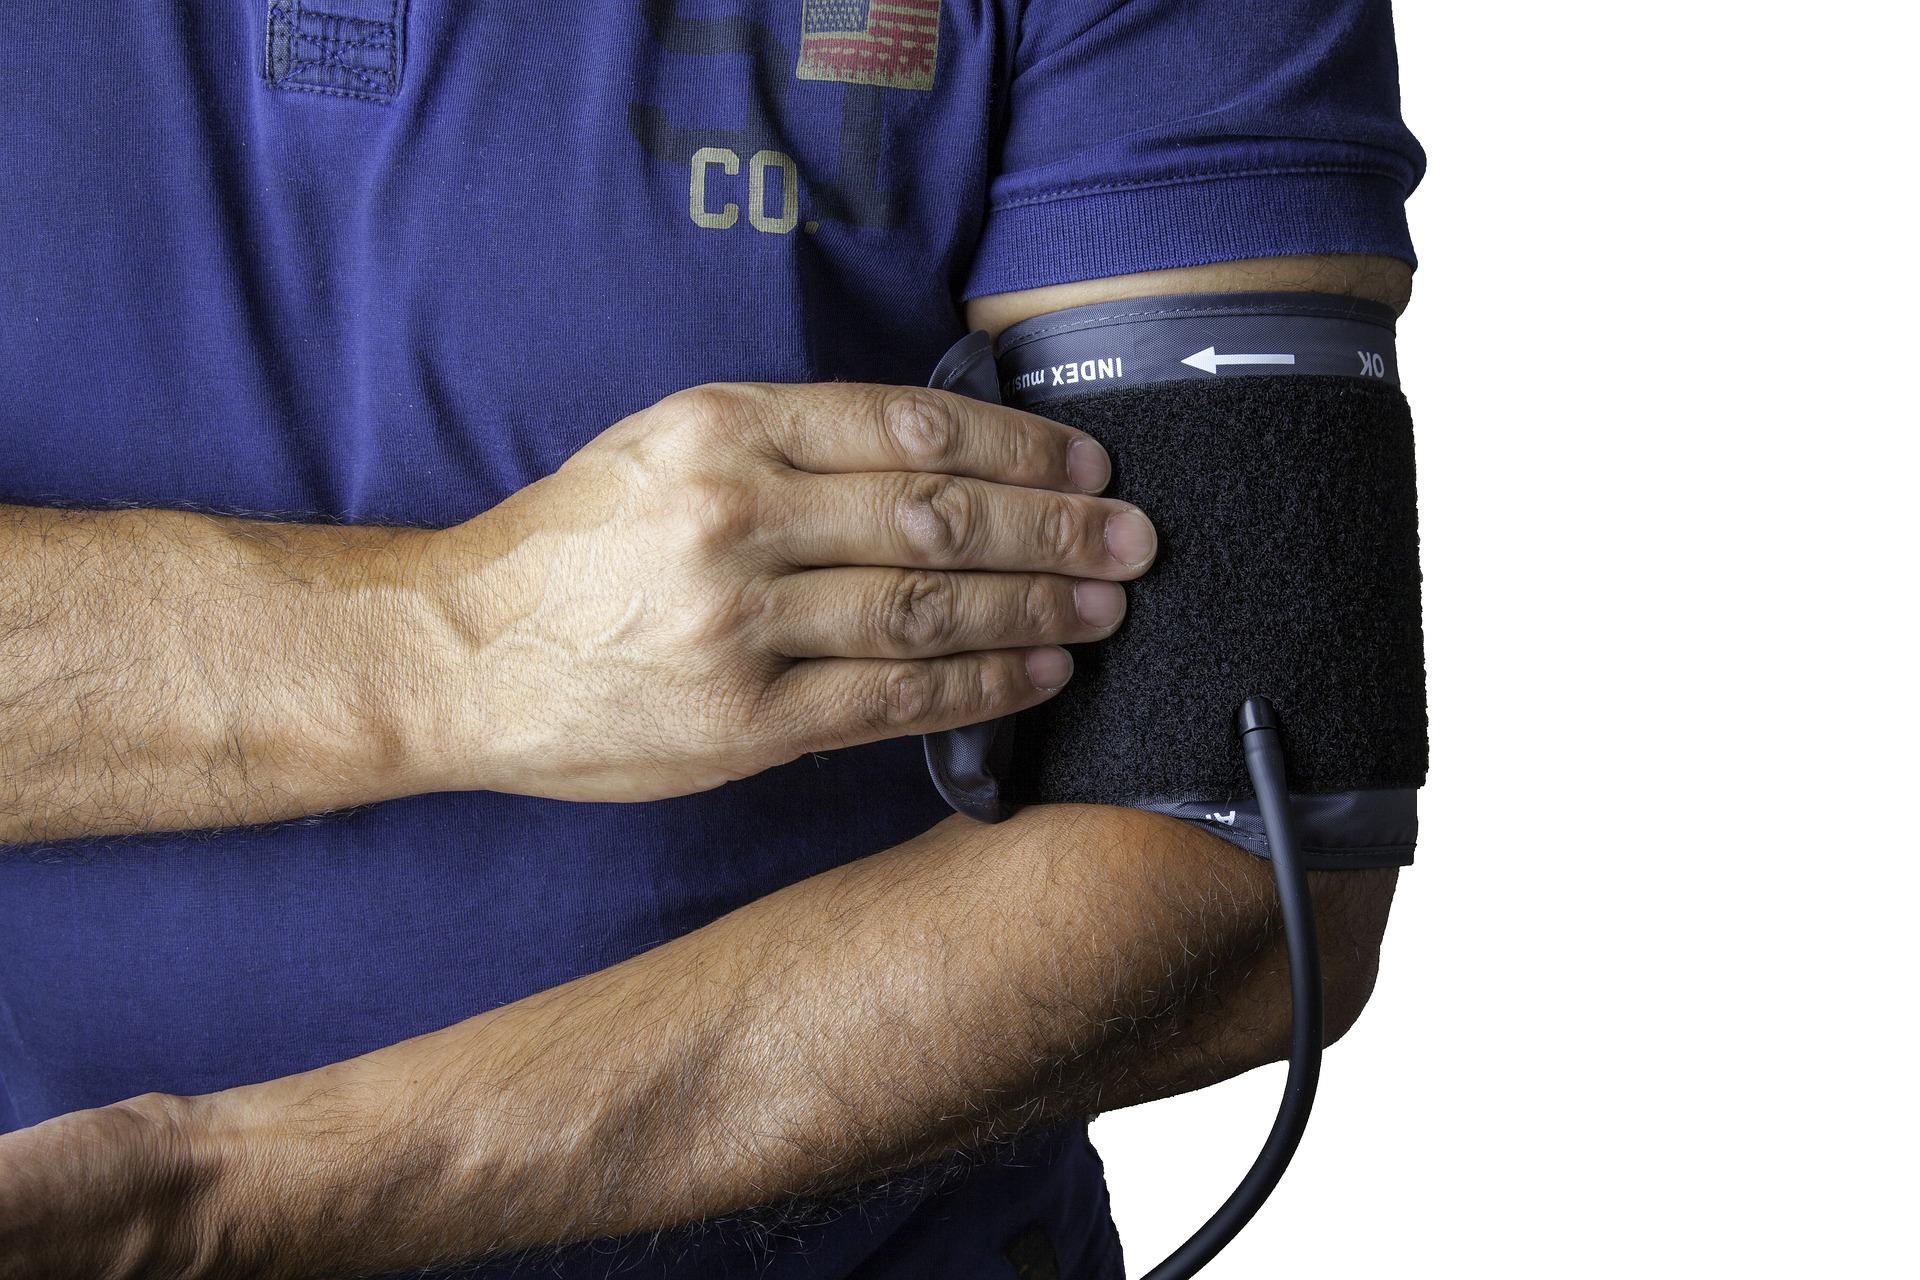 Jak leczyć naciśnienie - poznaj naturalne sposoby leczenia